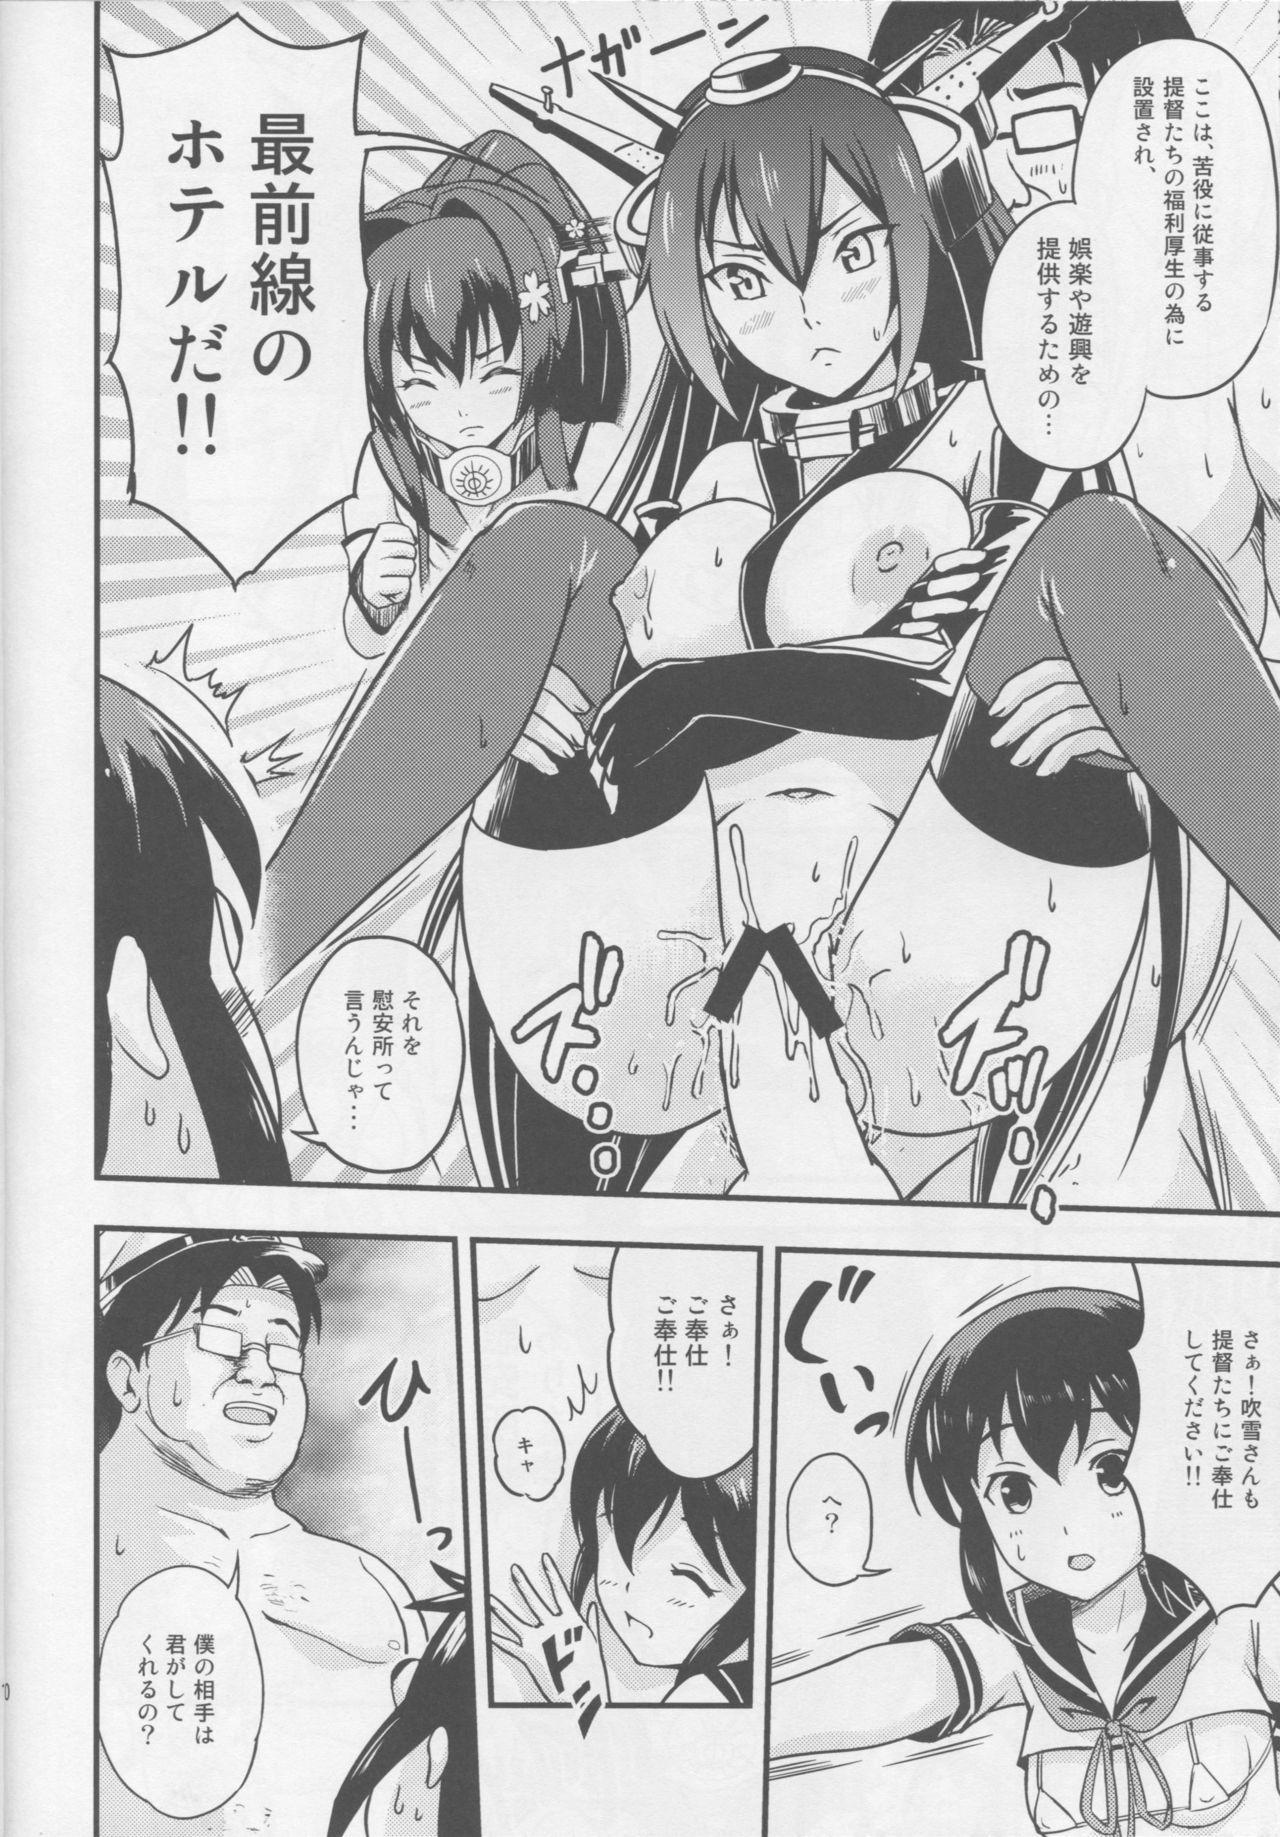 Nihon no Mikata 8